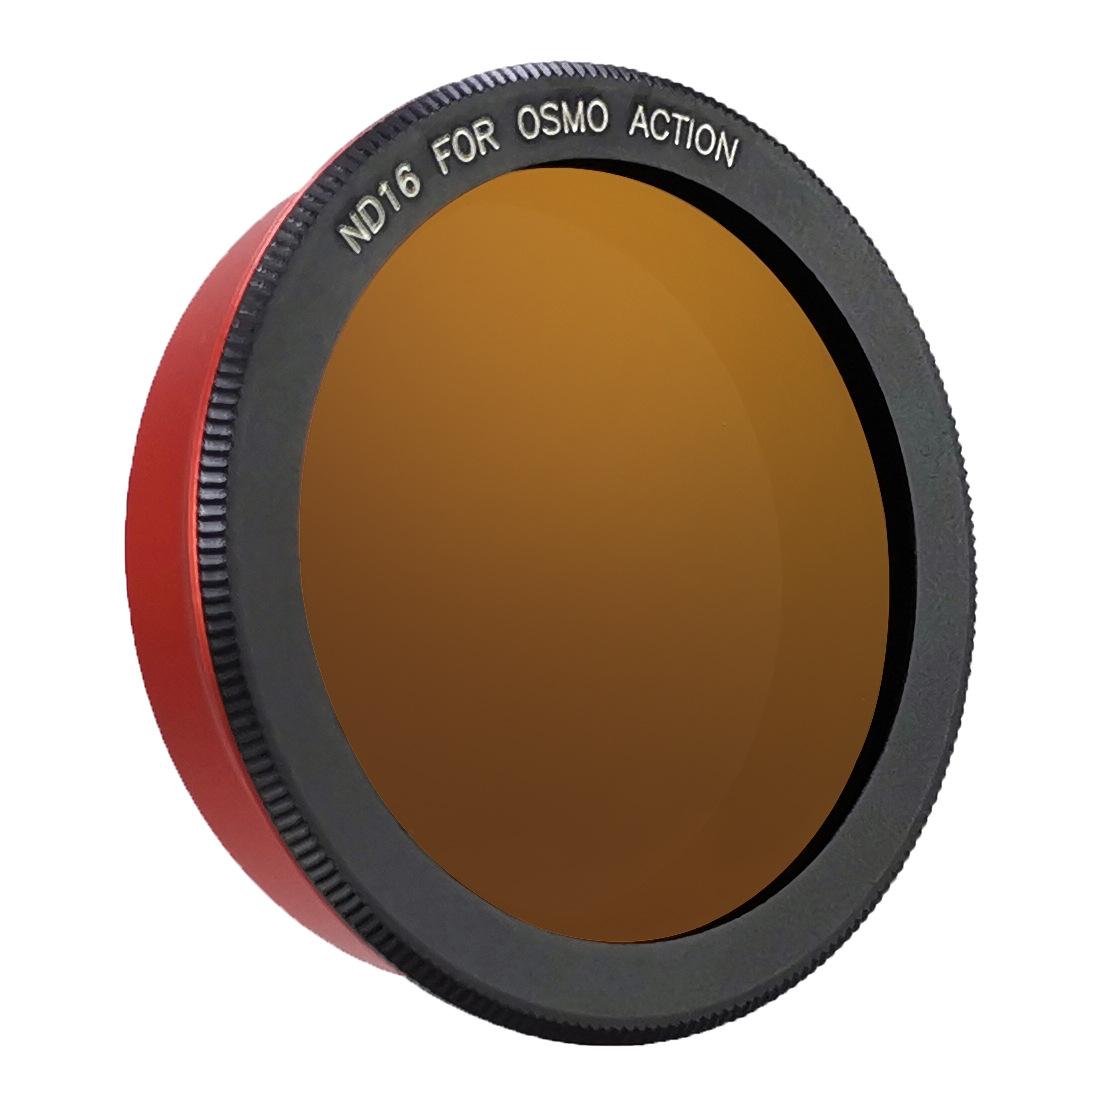 Camera Lens Filter for DJI Osmo Action Cameras UV CPL Lens High Light Transmittance Low Reflectance ND16 lens filter